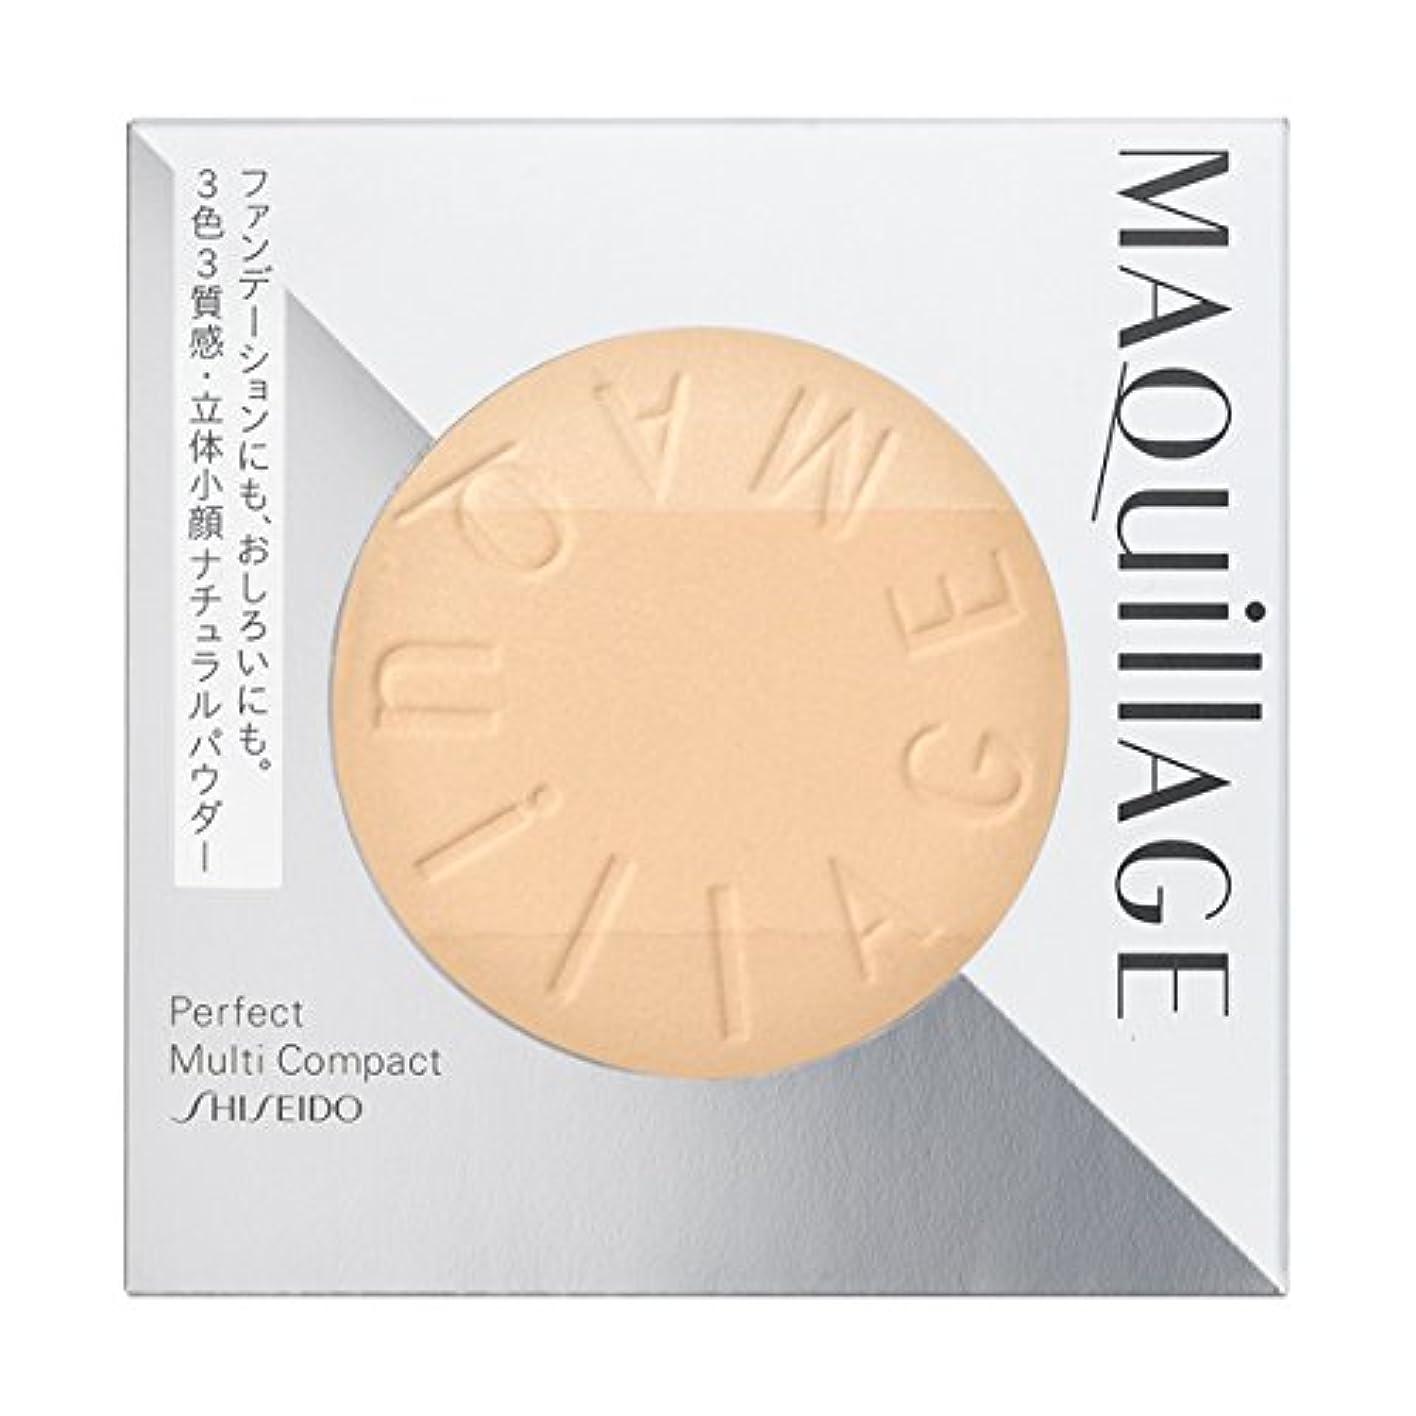 デジタル製品砂<2個セット>マキアージュ パーフェクト マルチコンパクト 22 (レフィル) レフィル 9g×2個